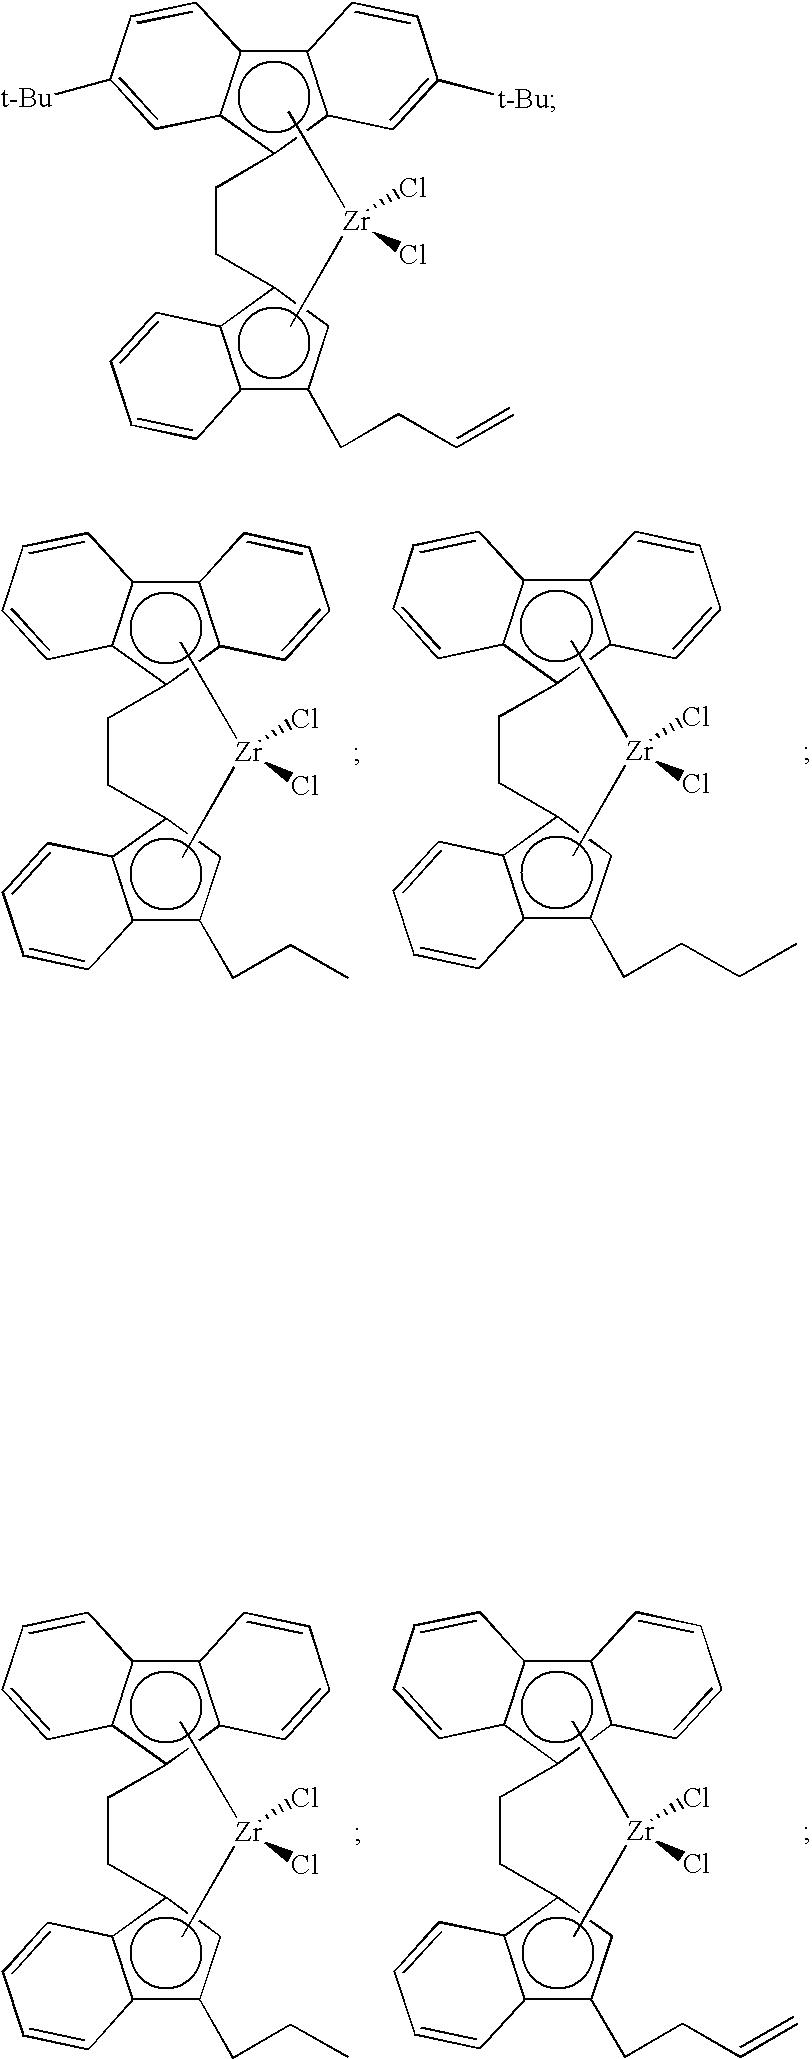 Figure US20100331505A1-20101230-C00023